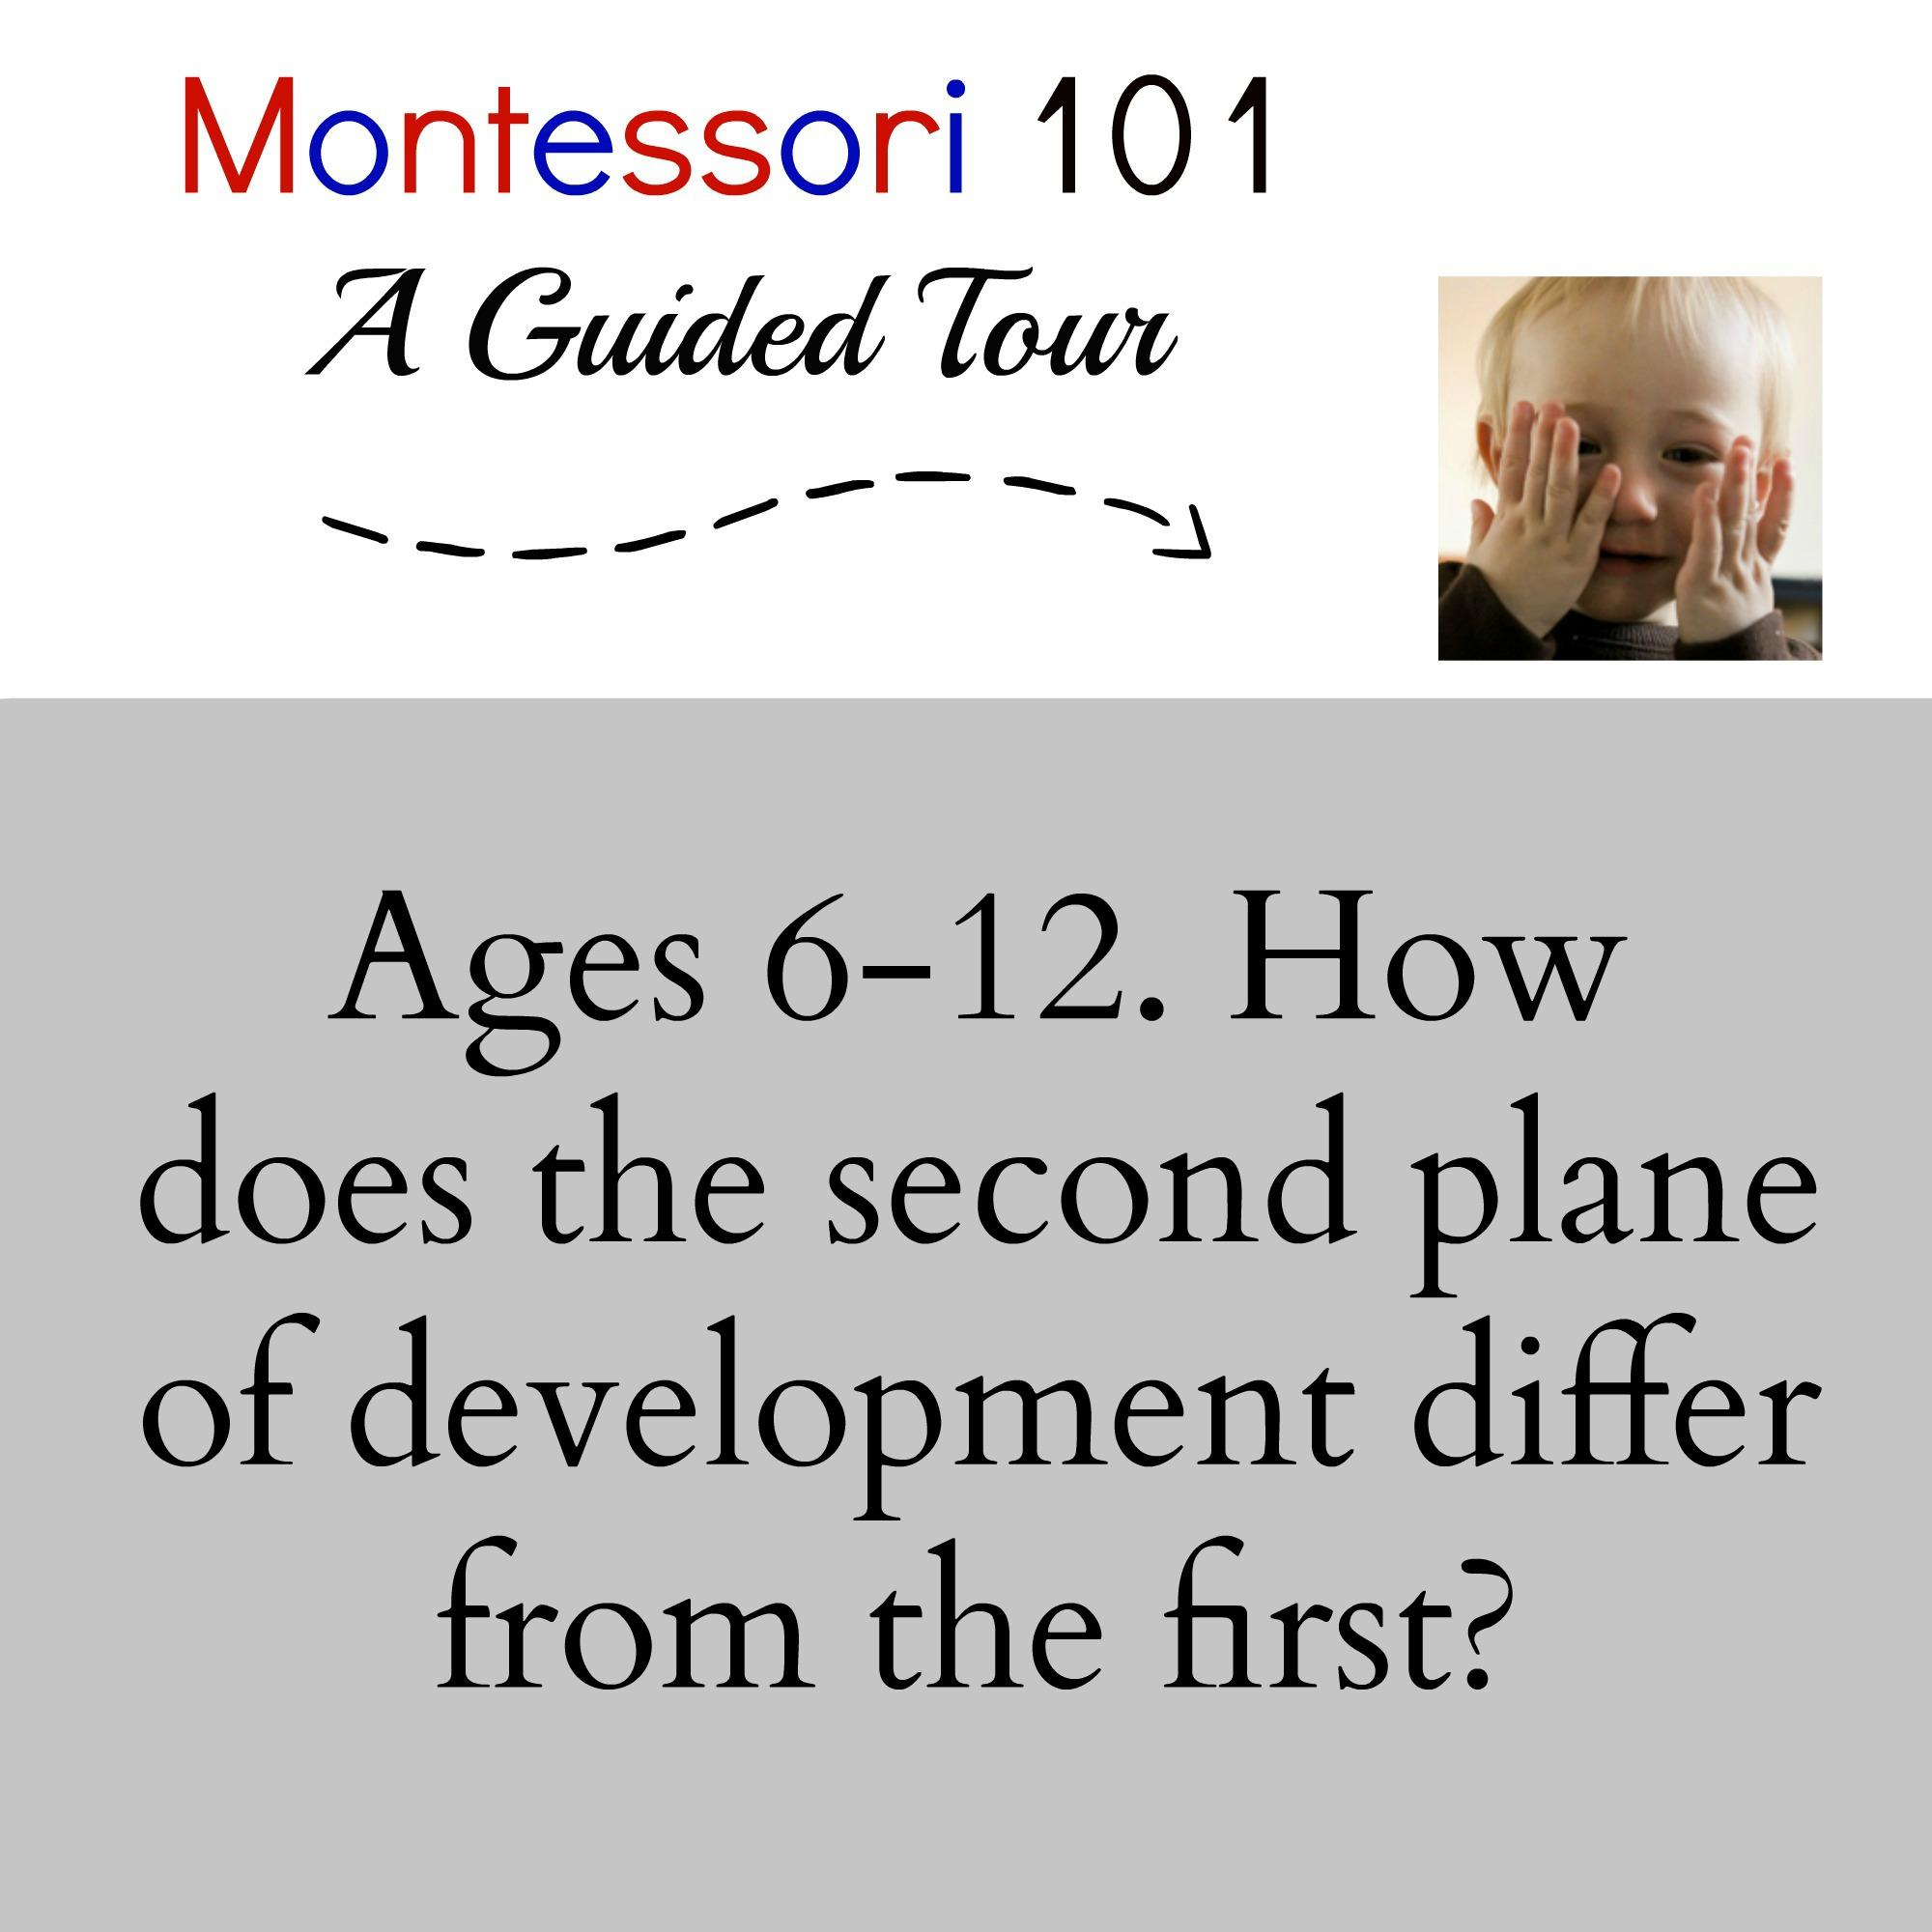 2. Tour second plane